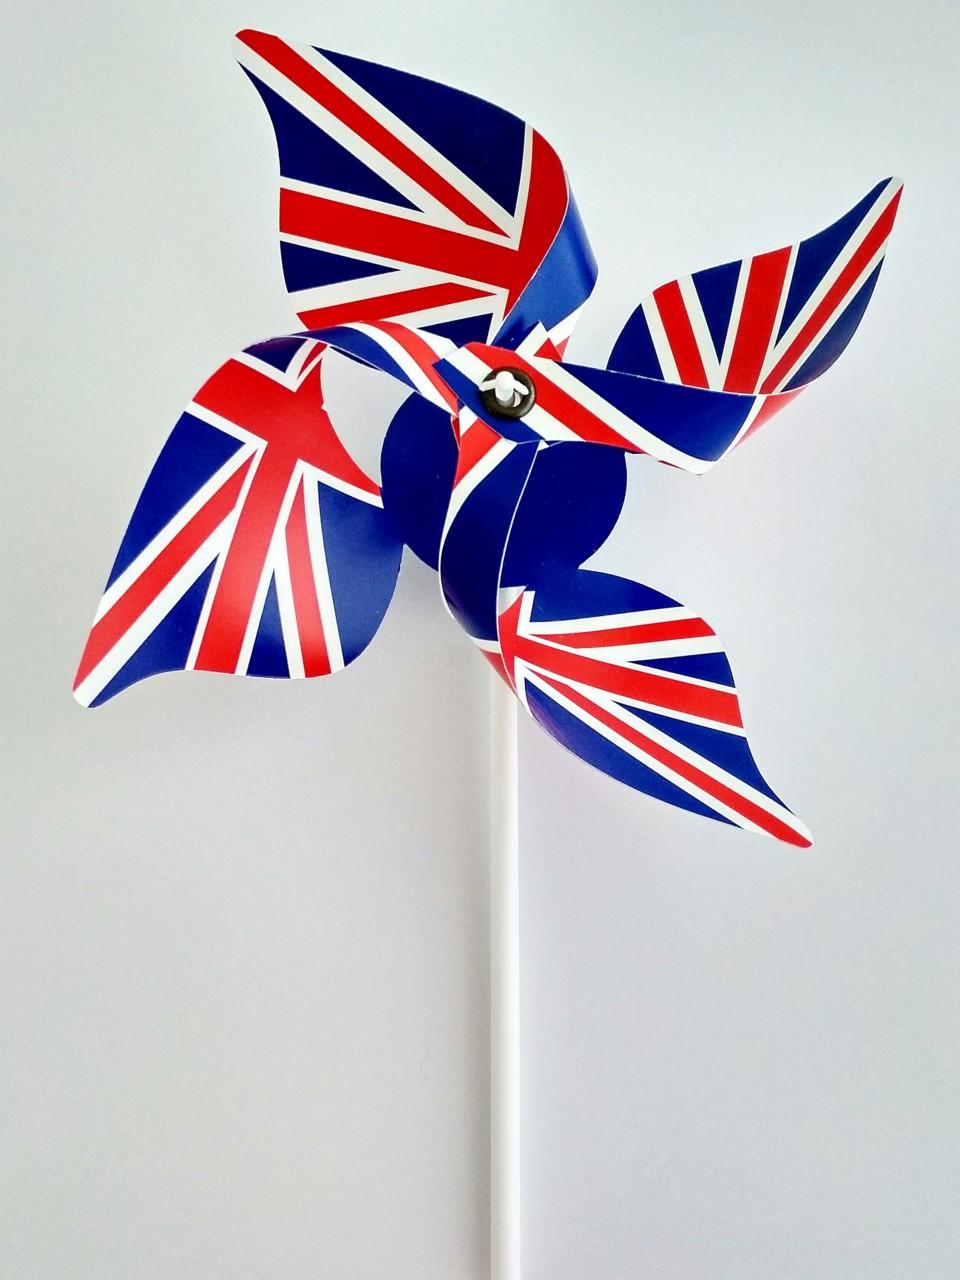 WIATRAK-Wielka Brytania